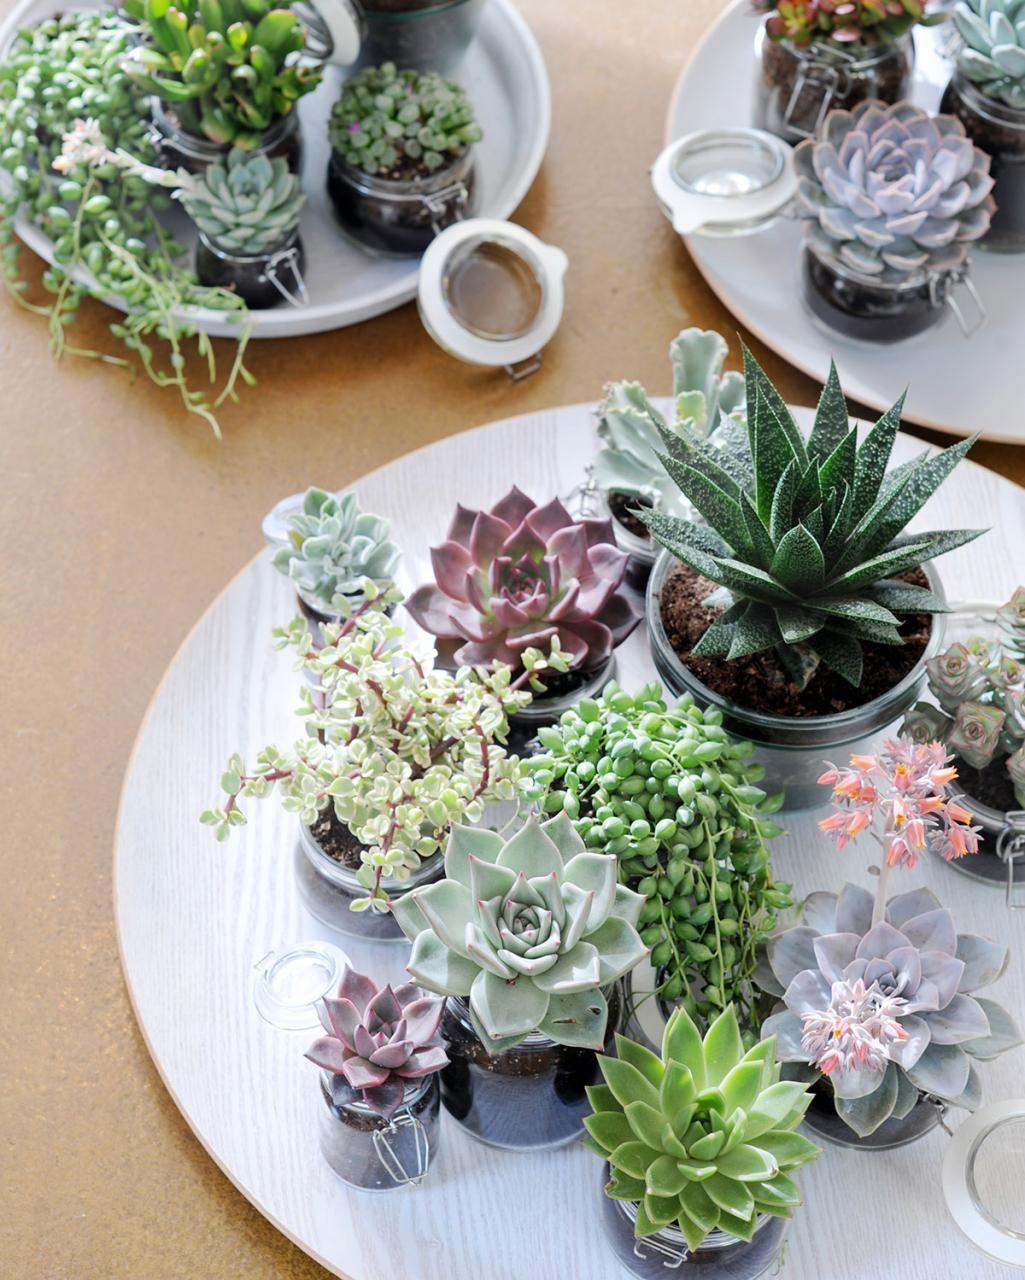 Zimmerpflanzen in szene setzen let 39 s decorate for Zimmerpflanzen in szene setzen